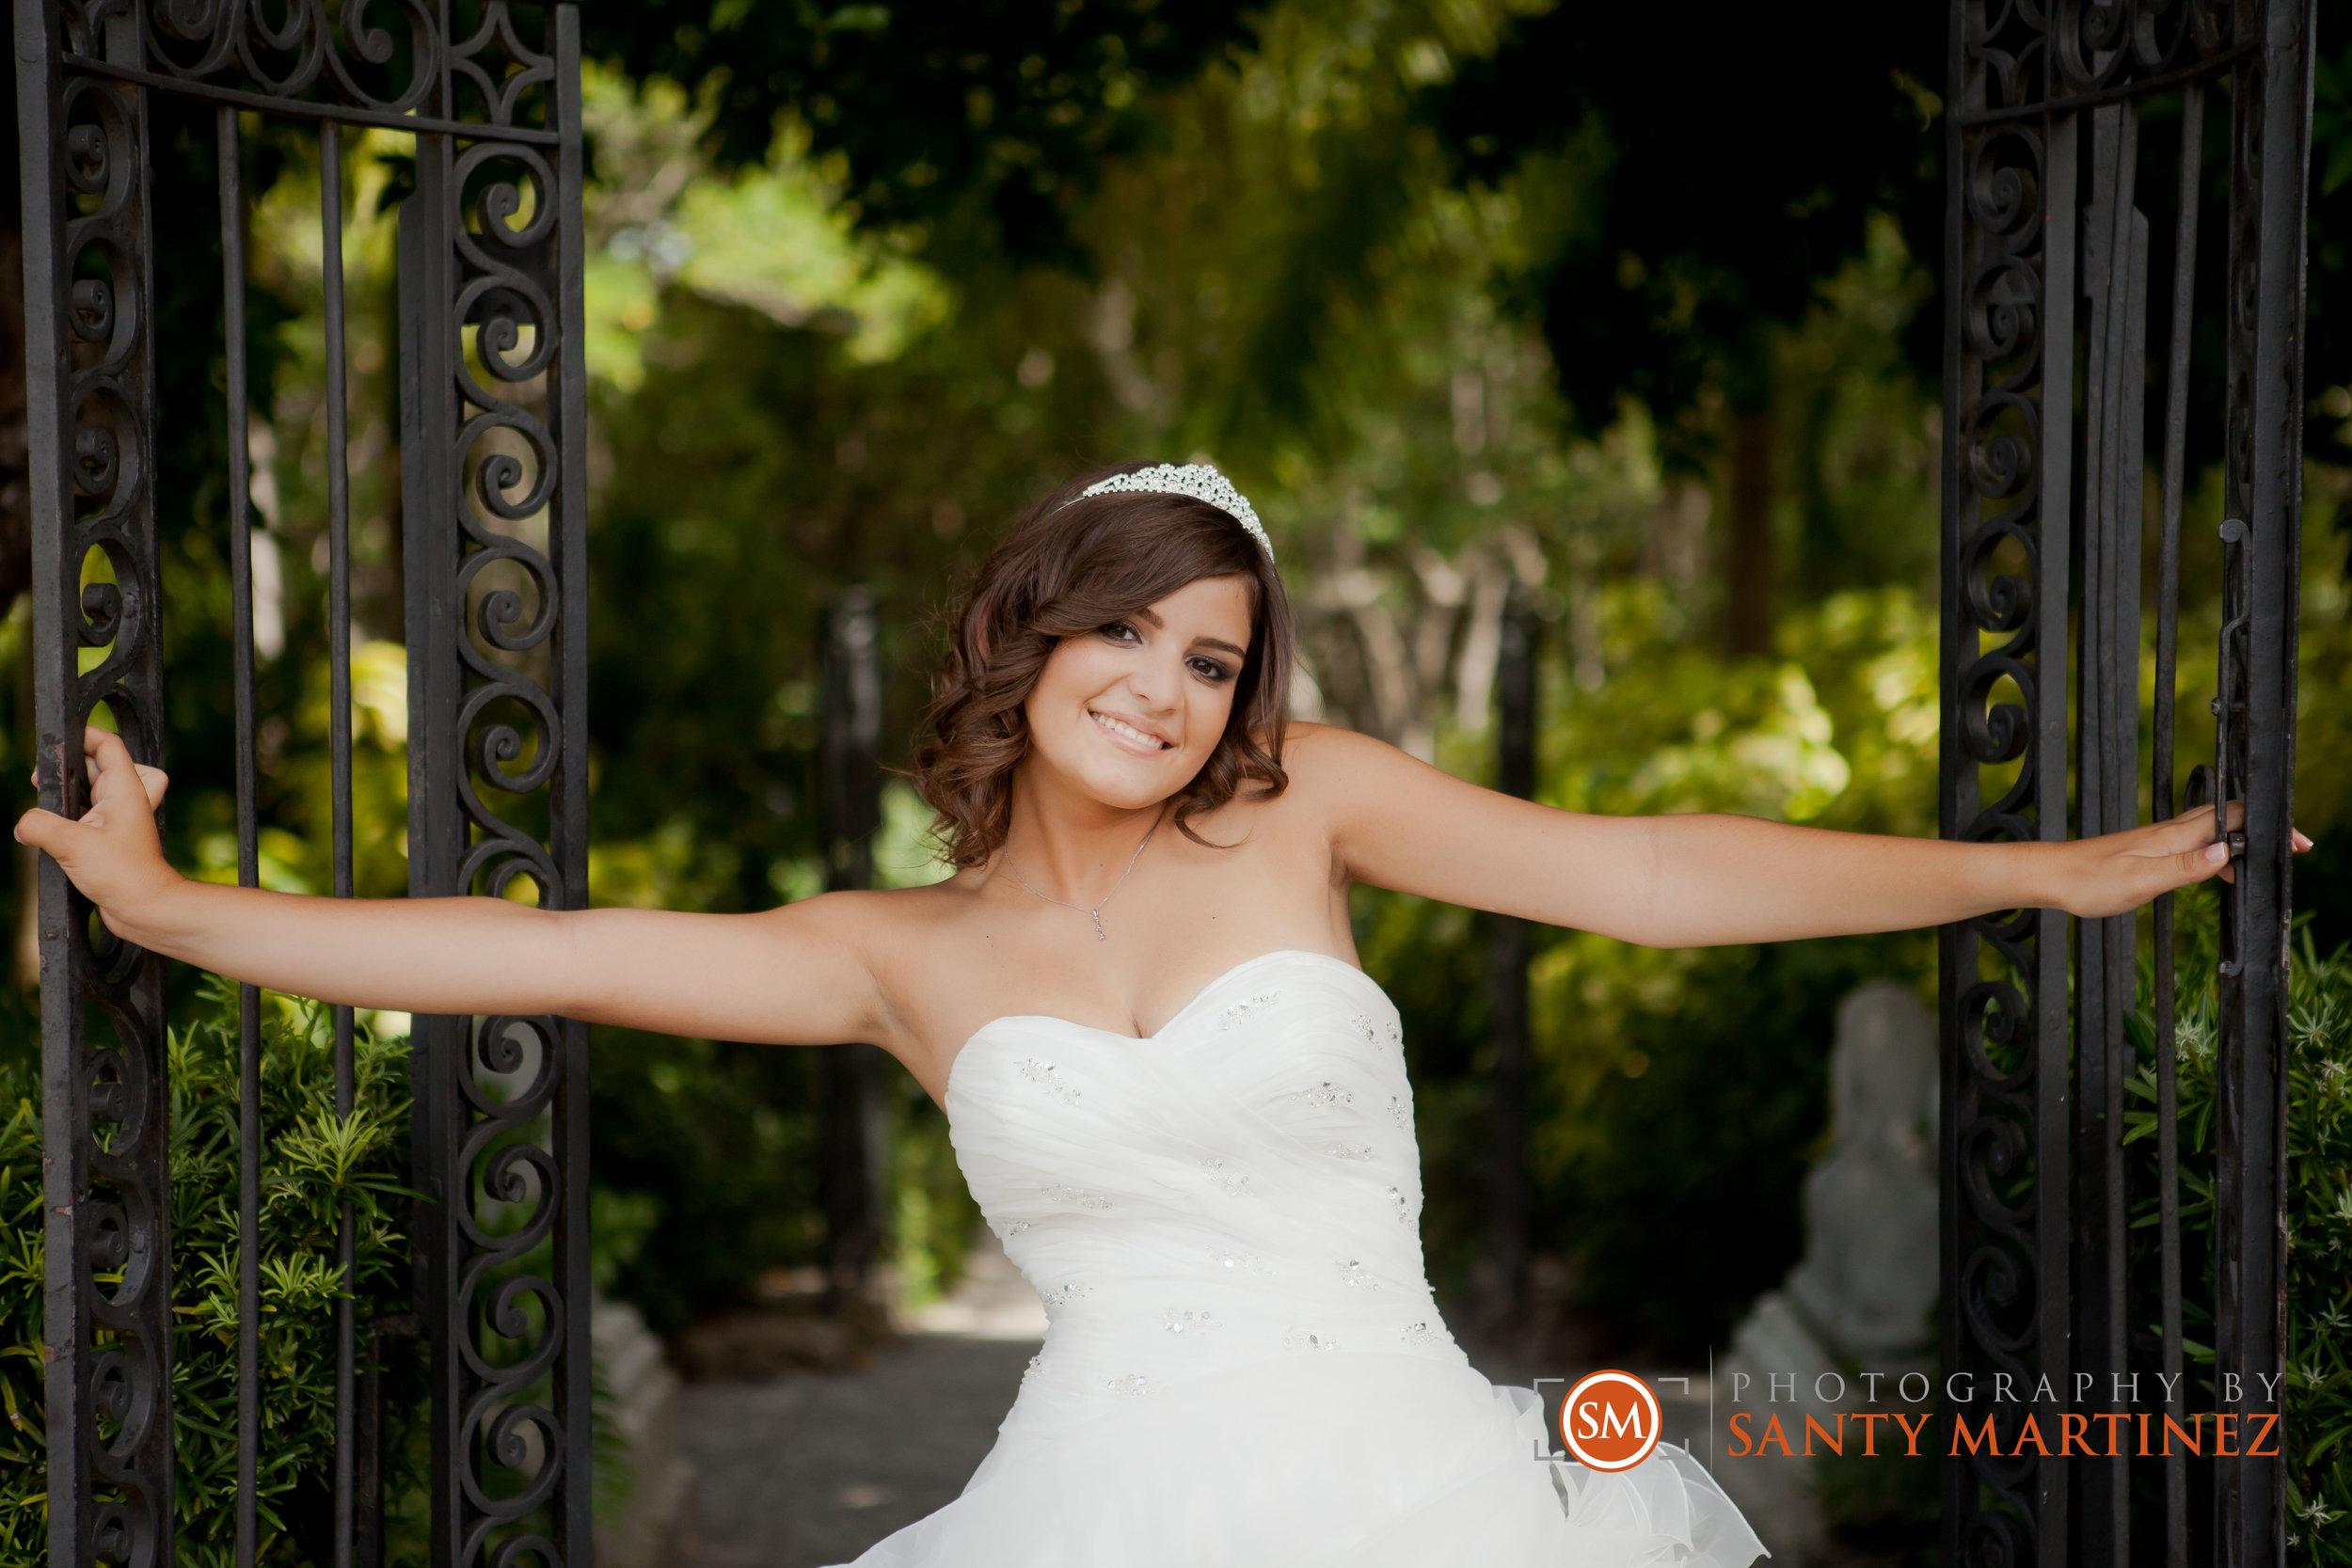 Miami Quinces Photographers - Santy Martinez -12.jpg